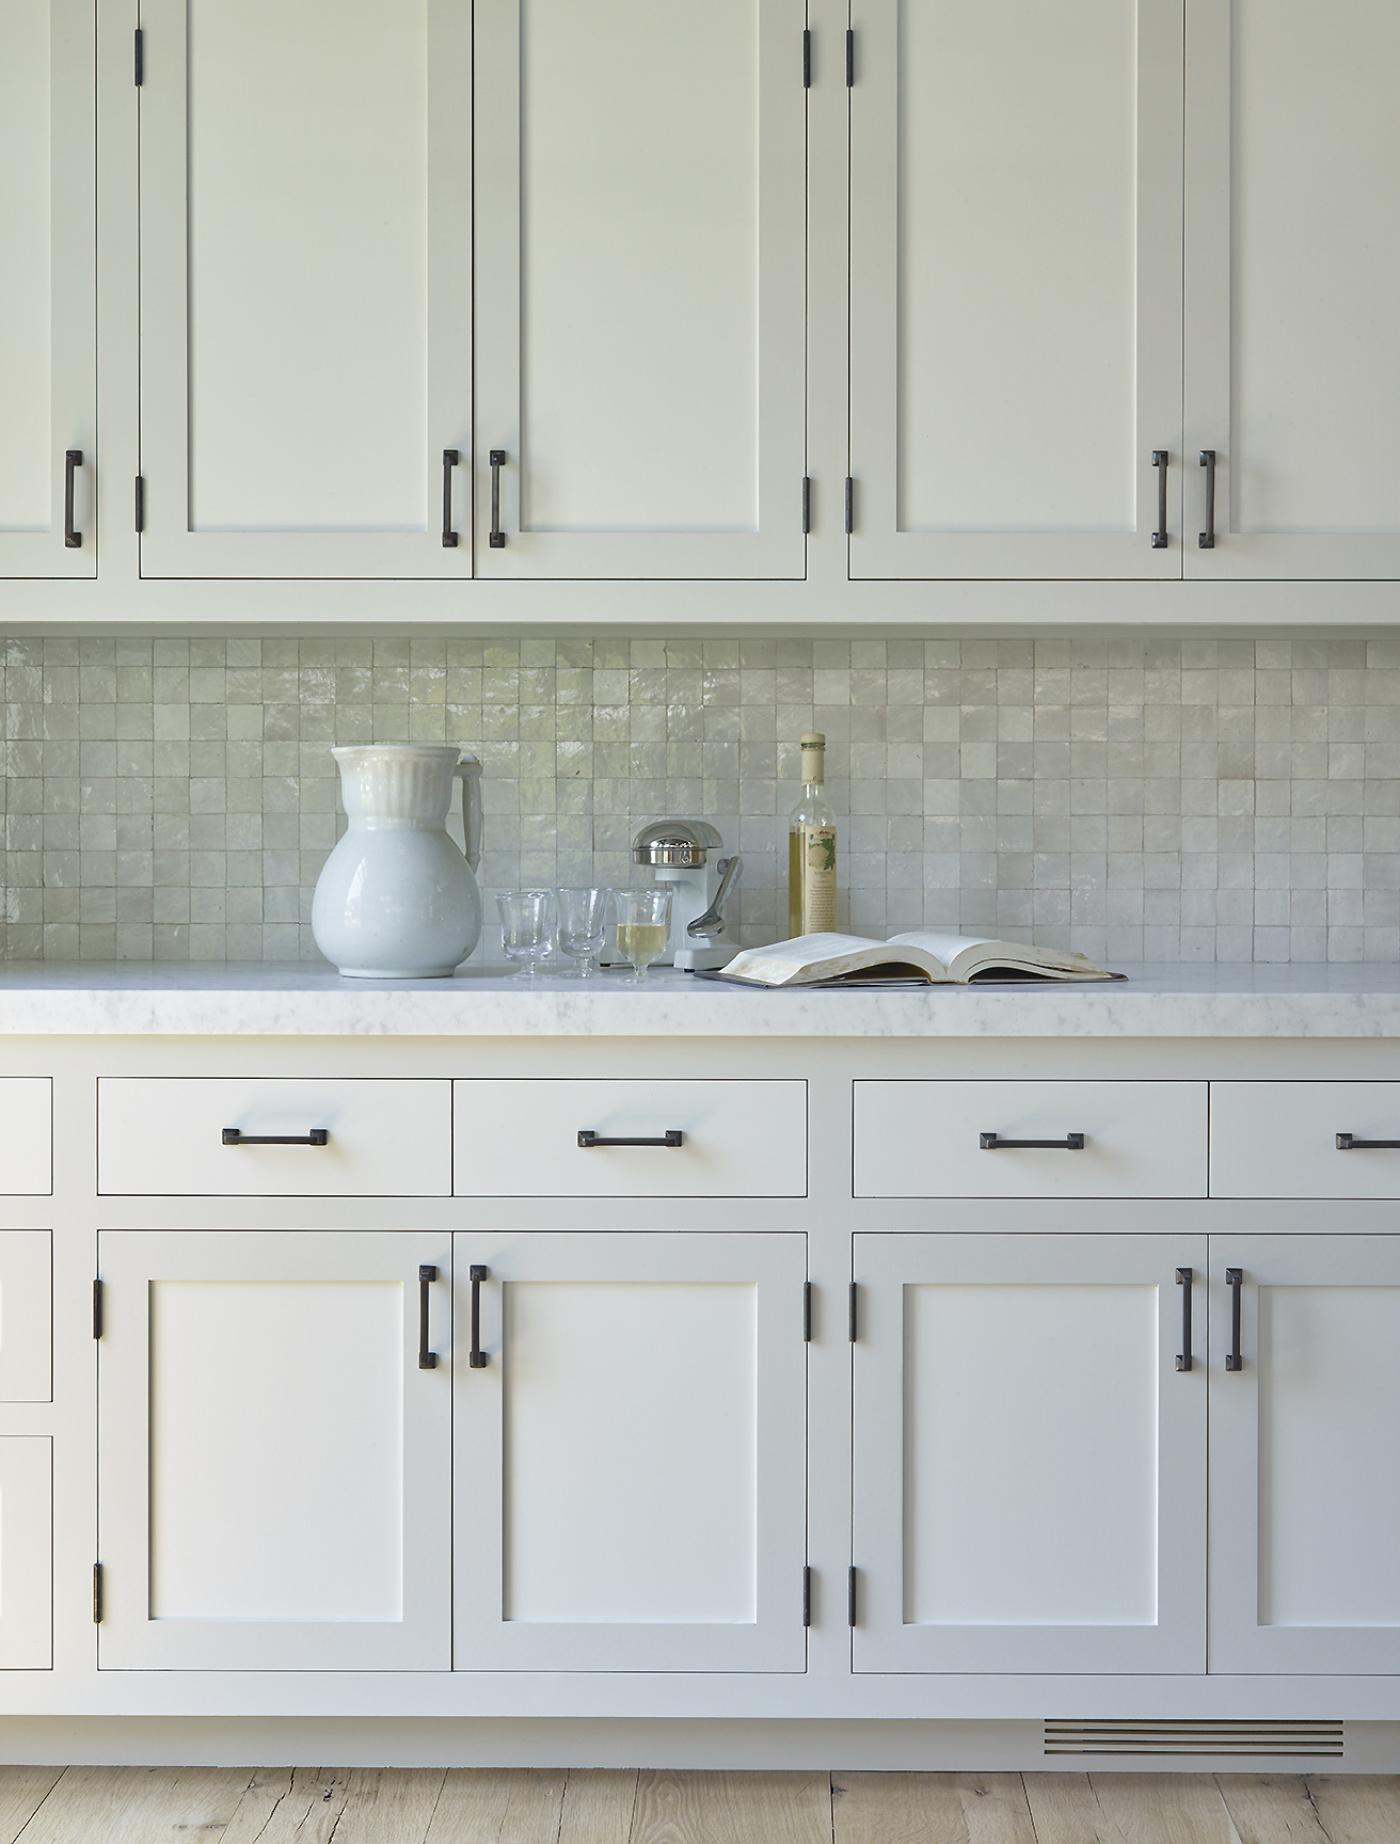 East Hampton Kitchen Detail by Dan Scotti Design